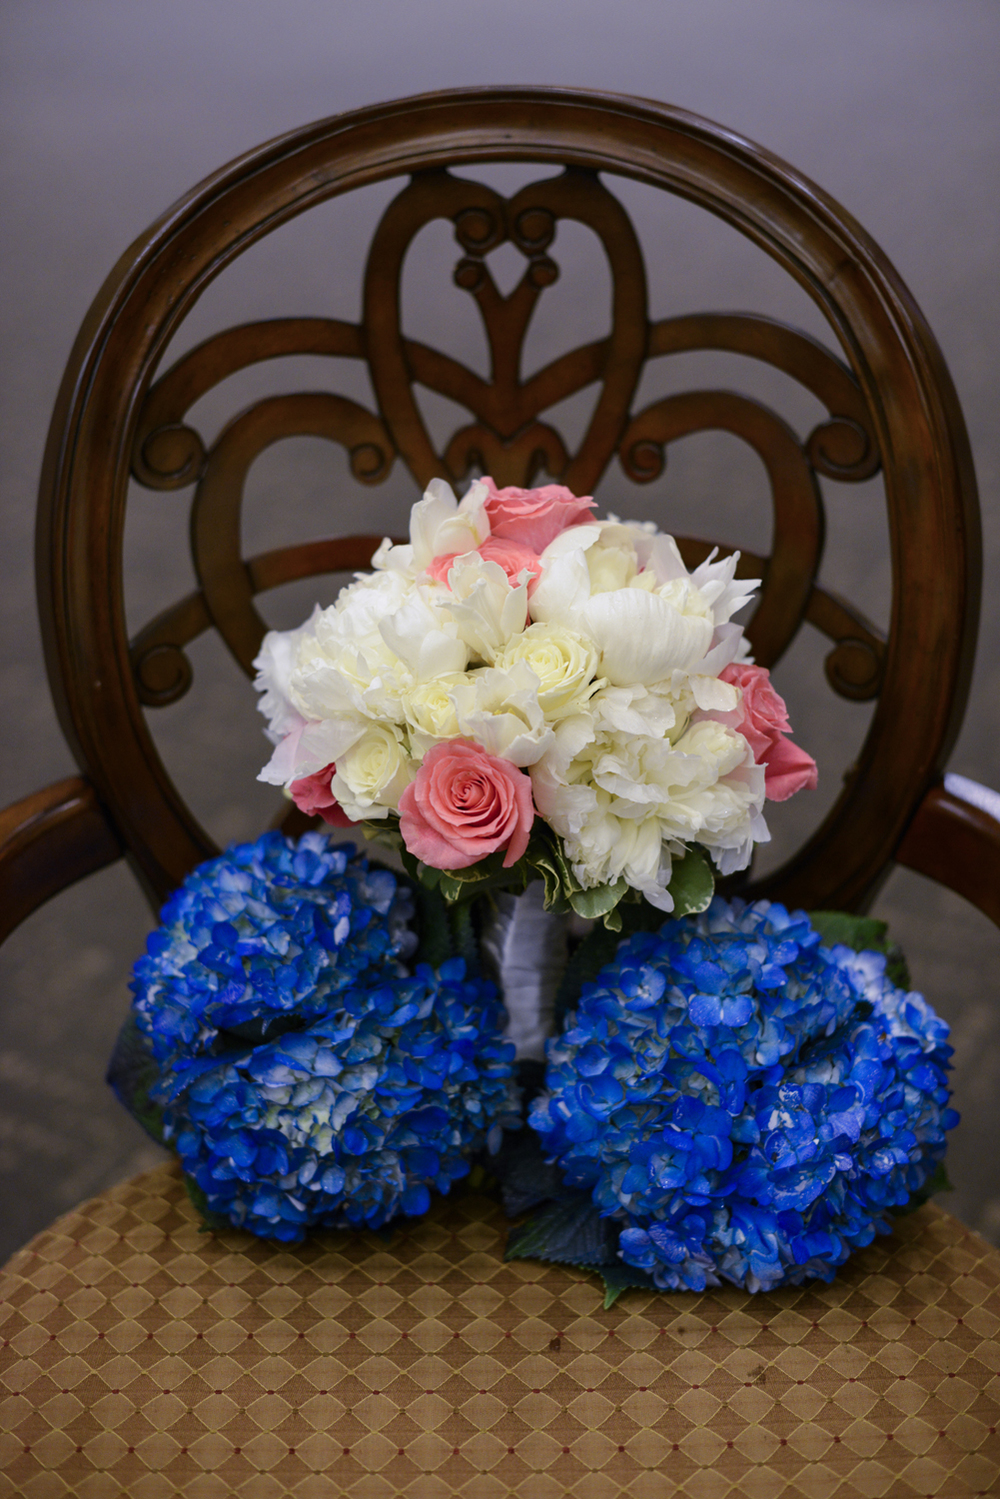 White rose bridal bouquet and blue hydrangea bridesmaids bouquet